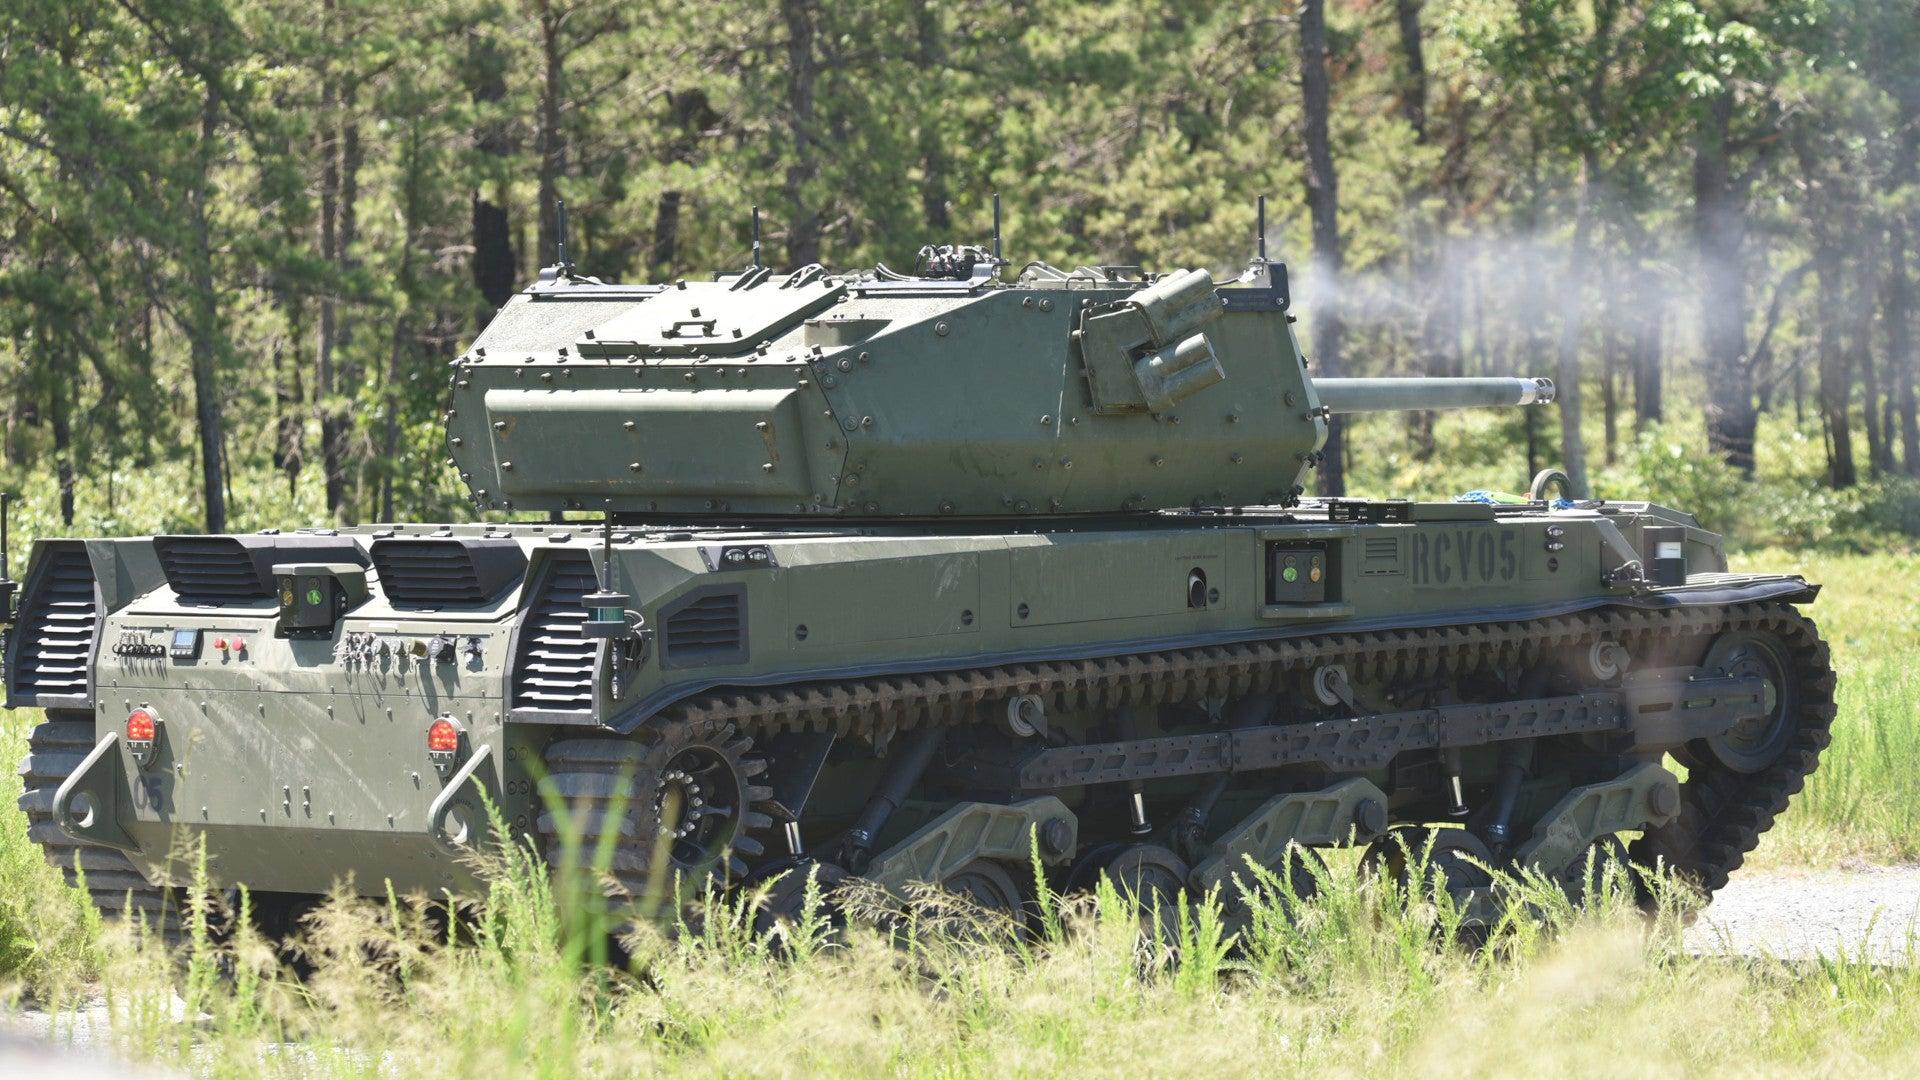 Ripsaw M5 na ostrých střelbách. Kredit: US Army.